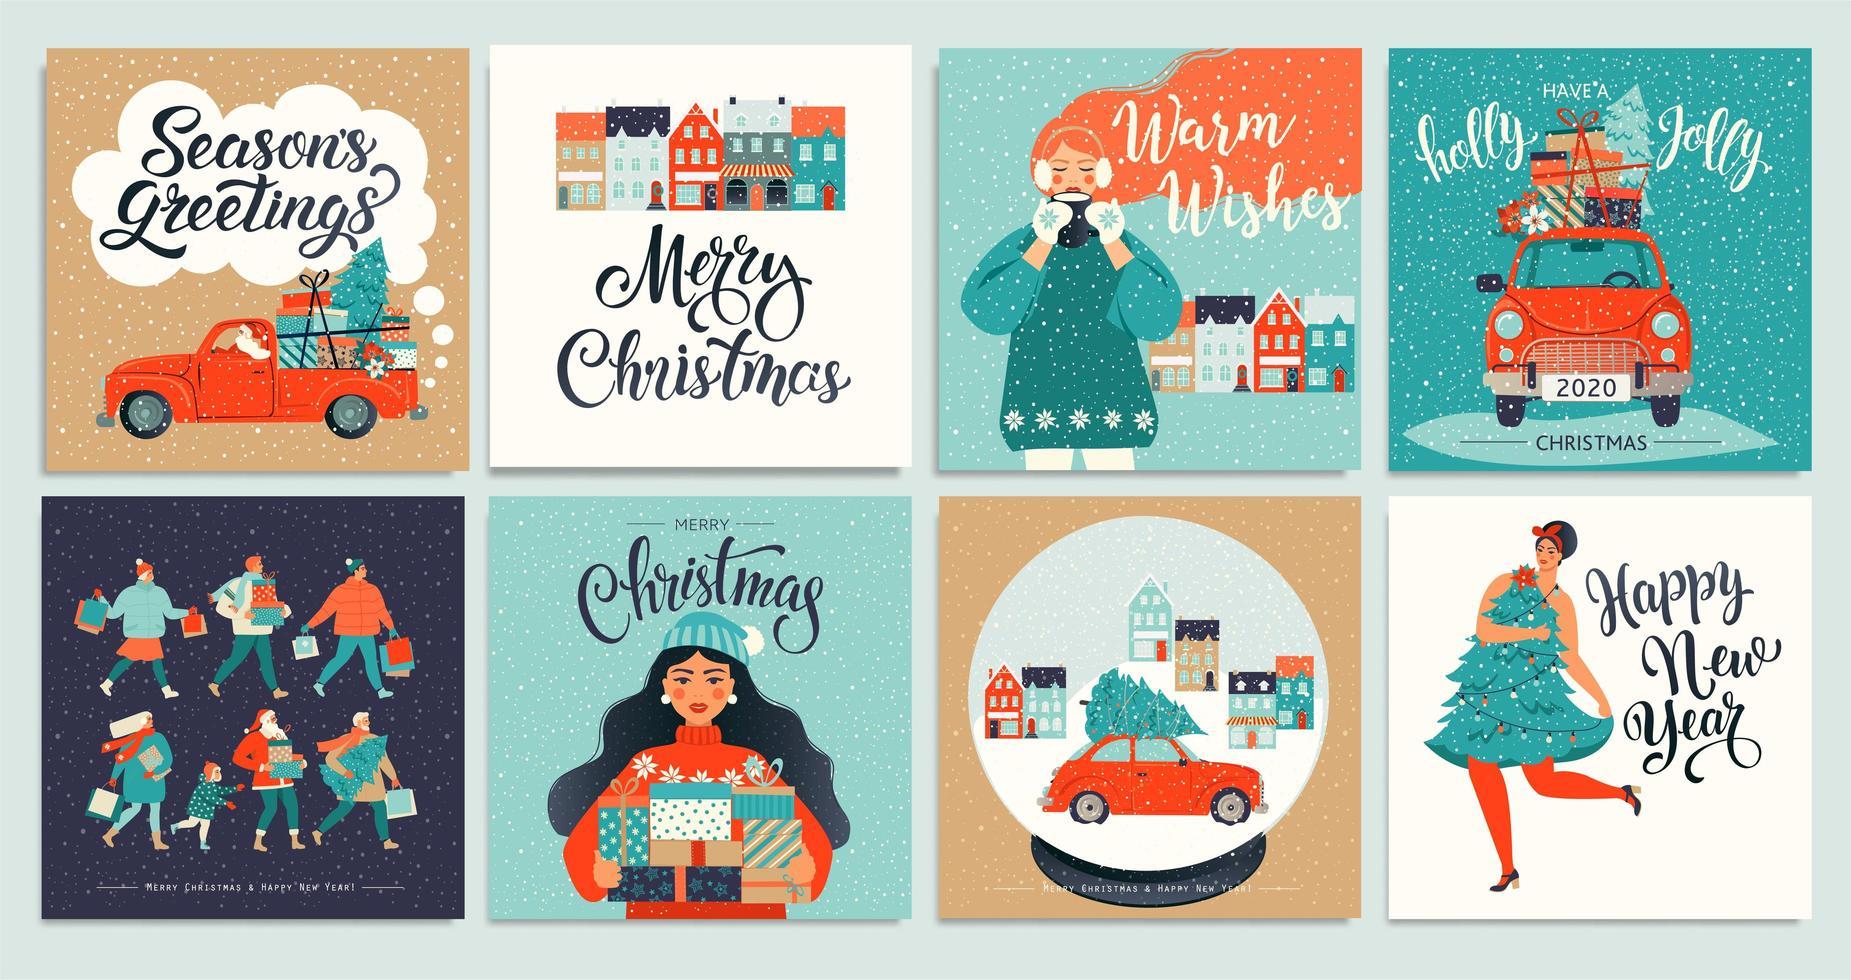 modelo de Natal e ano novo definido para saudação de scrapbooking, parabéns, convites, tags, adesivos, cartões postais. conjunto de cartazes de Natal. ilustração vetorial. vetor